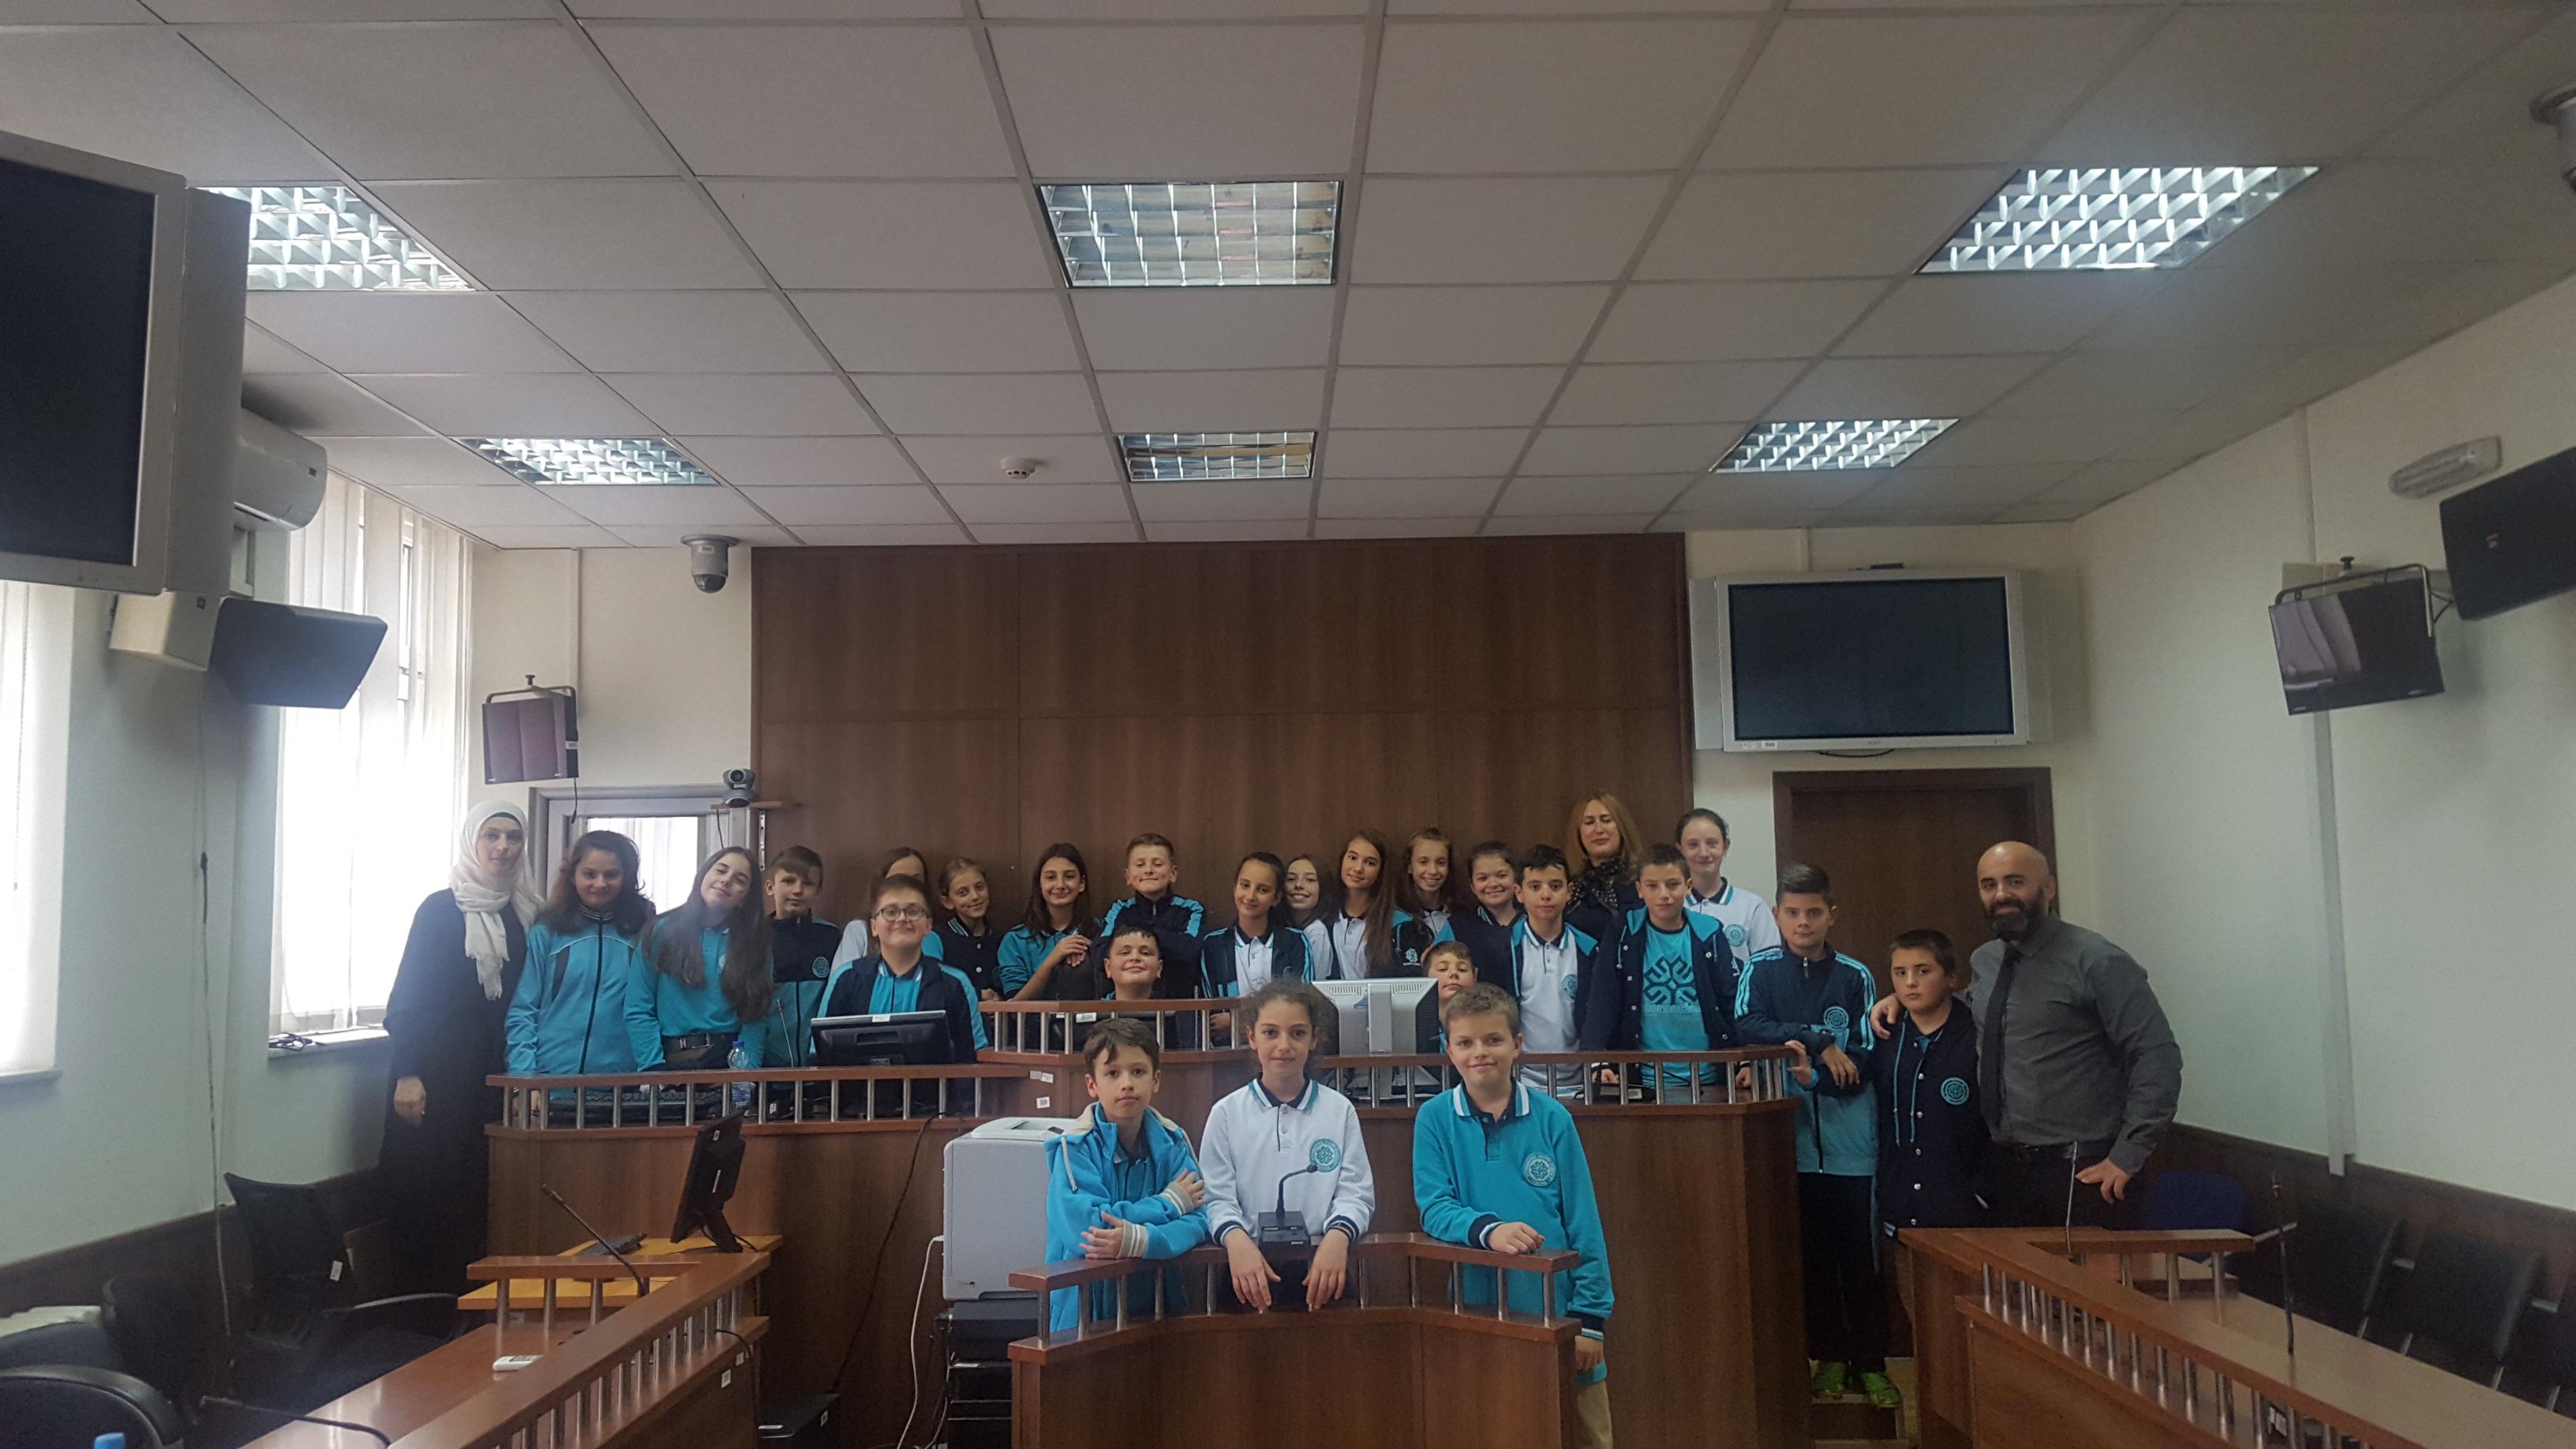 """Gjykatën Themelore të Prizrenit e vizituan nxënësit e klasave të  VI-ta, të shkollës """"International Maarif Schools of Kosova"""",në Prizren."""